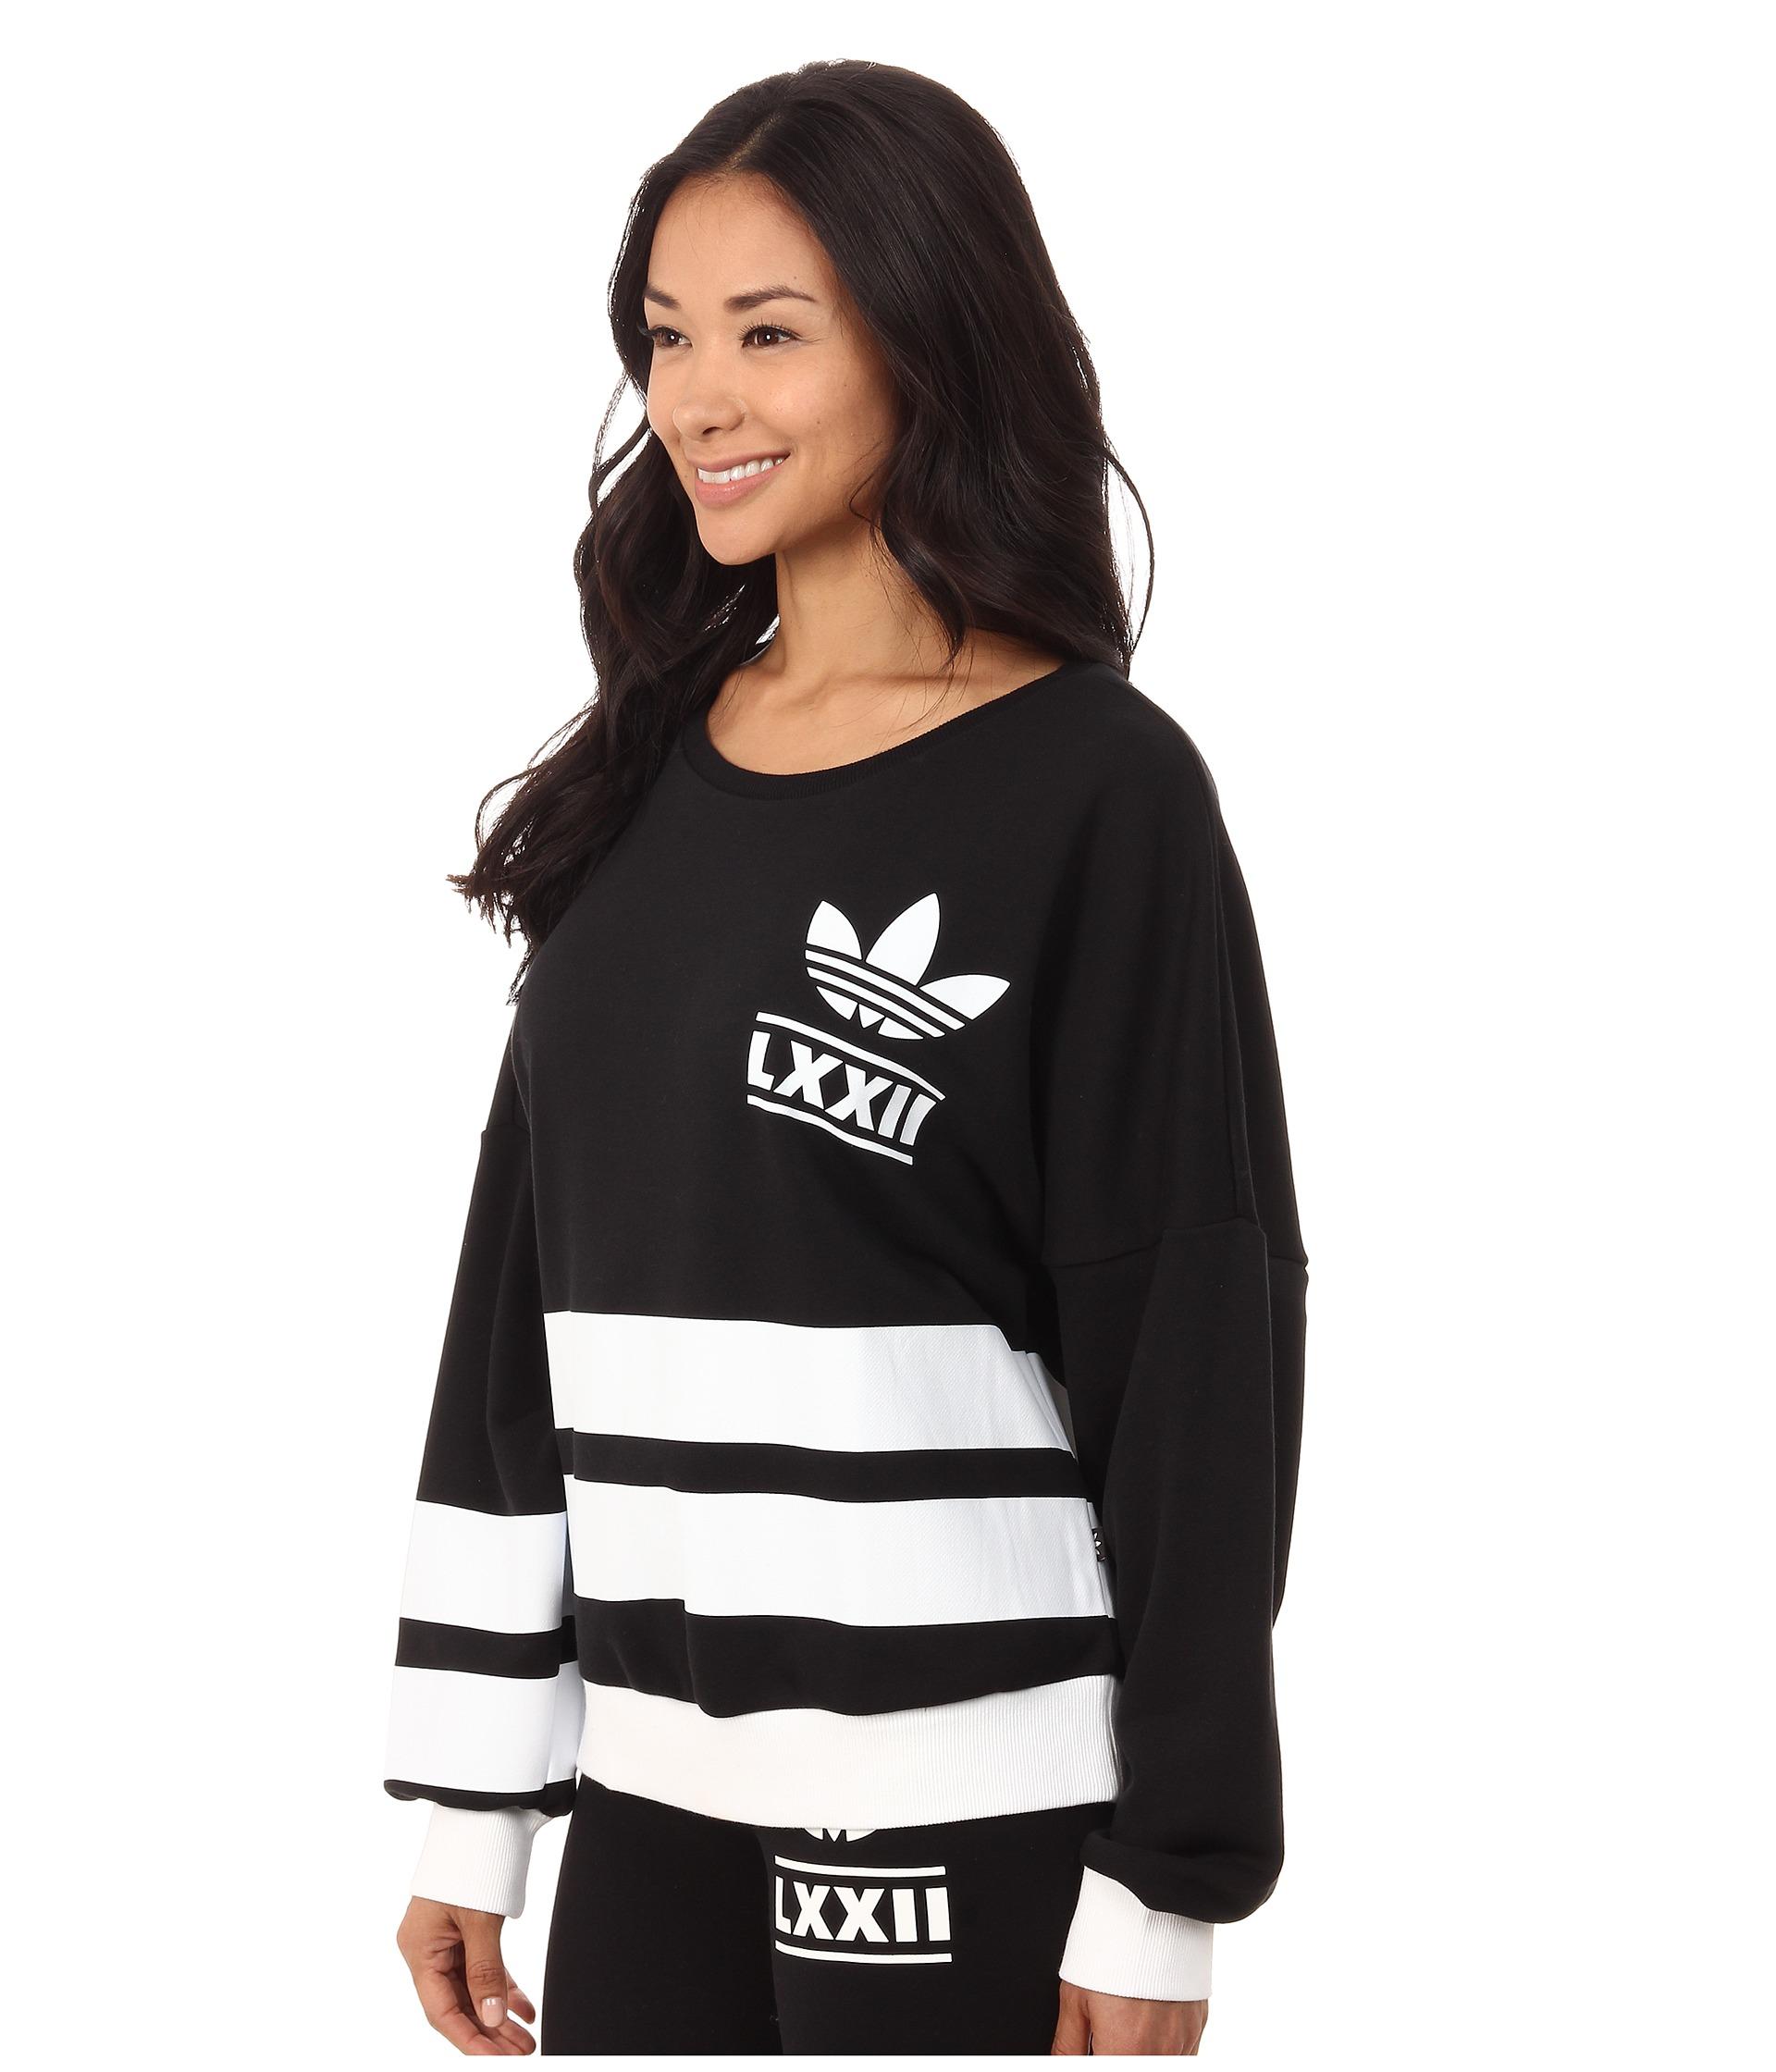 lyst adidas originali berlino logo 3 strisce equipaggio maglione nero